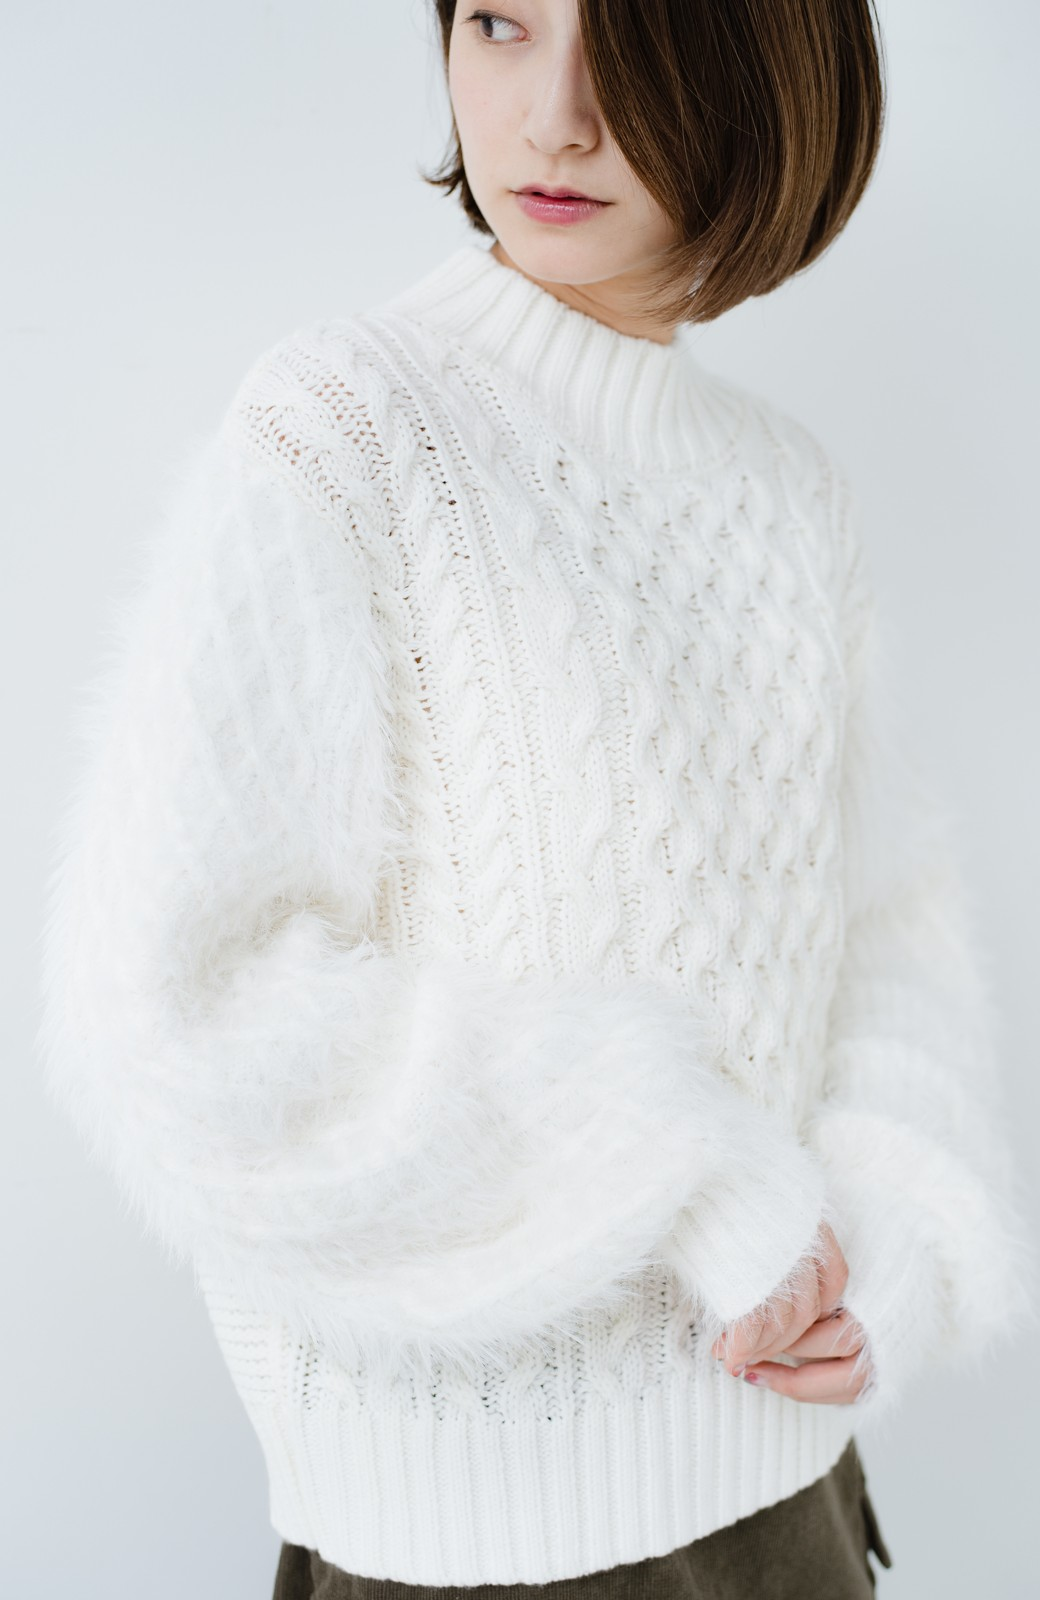 haco! ケーブル編みの袖フェザーヤーンニットトップス <ホワイト>の商品写真1